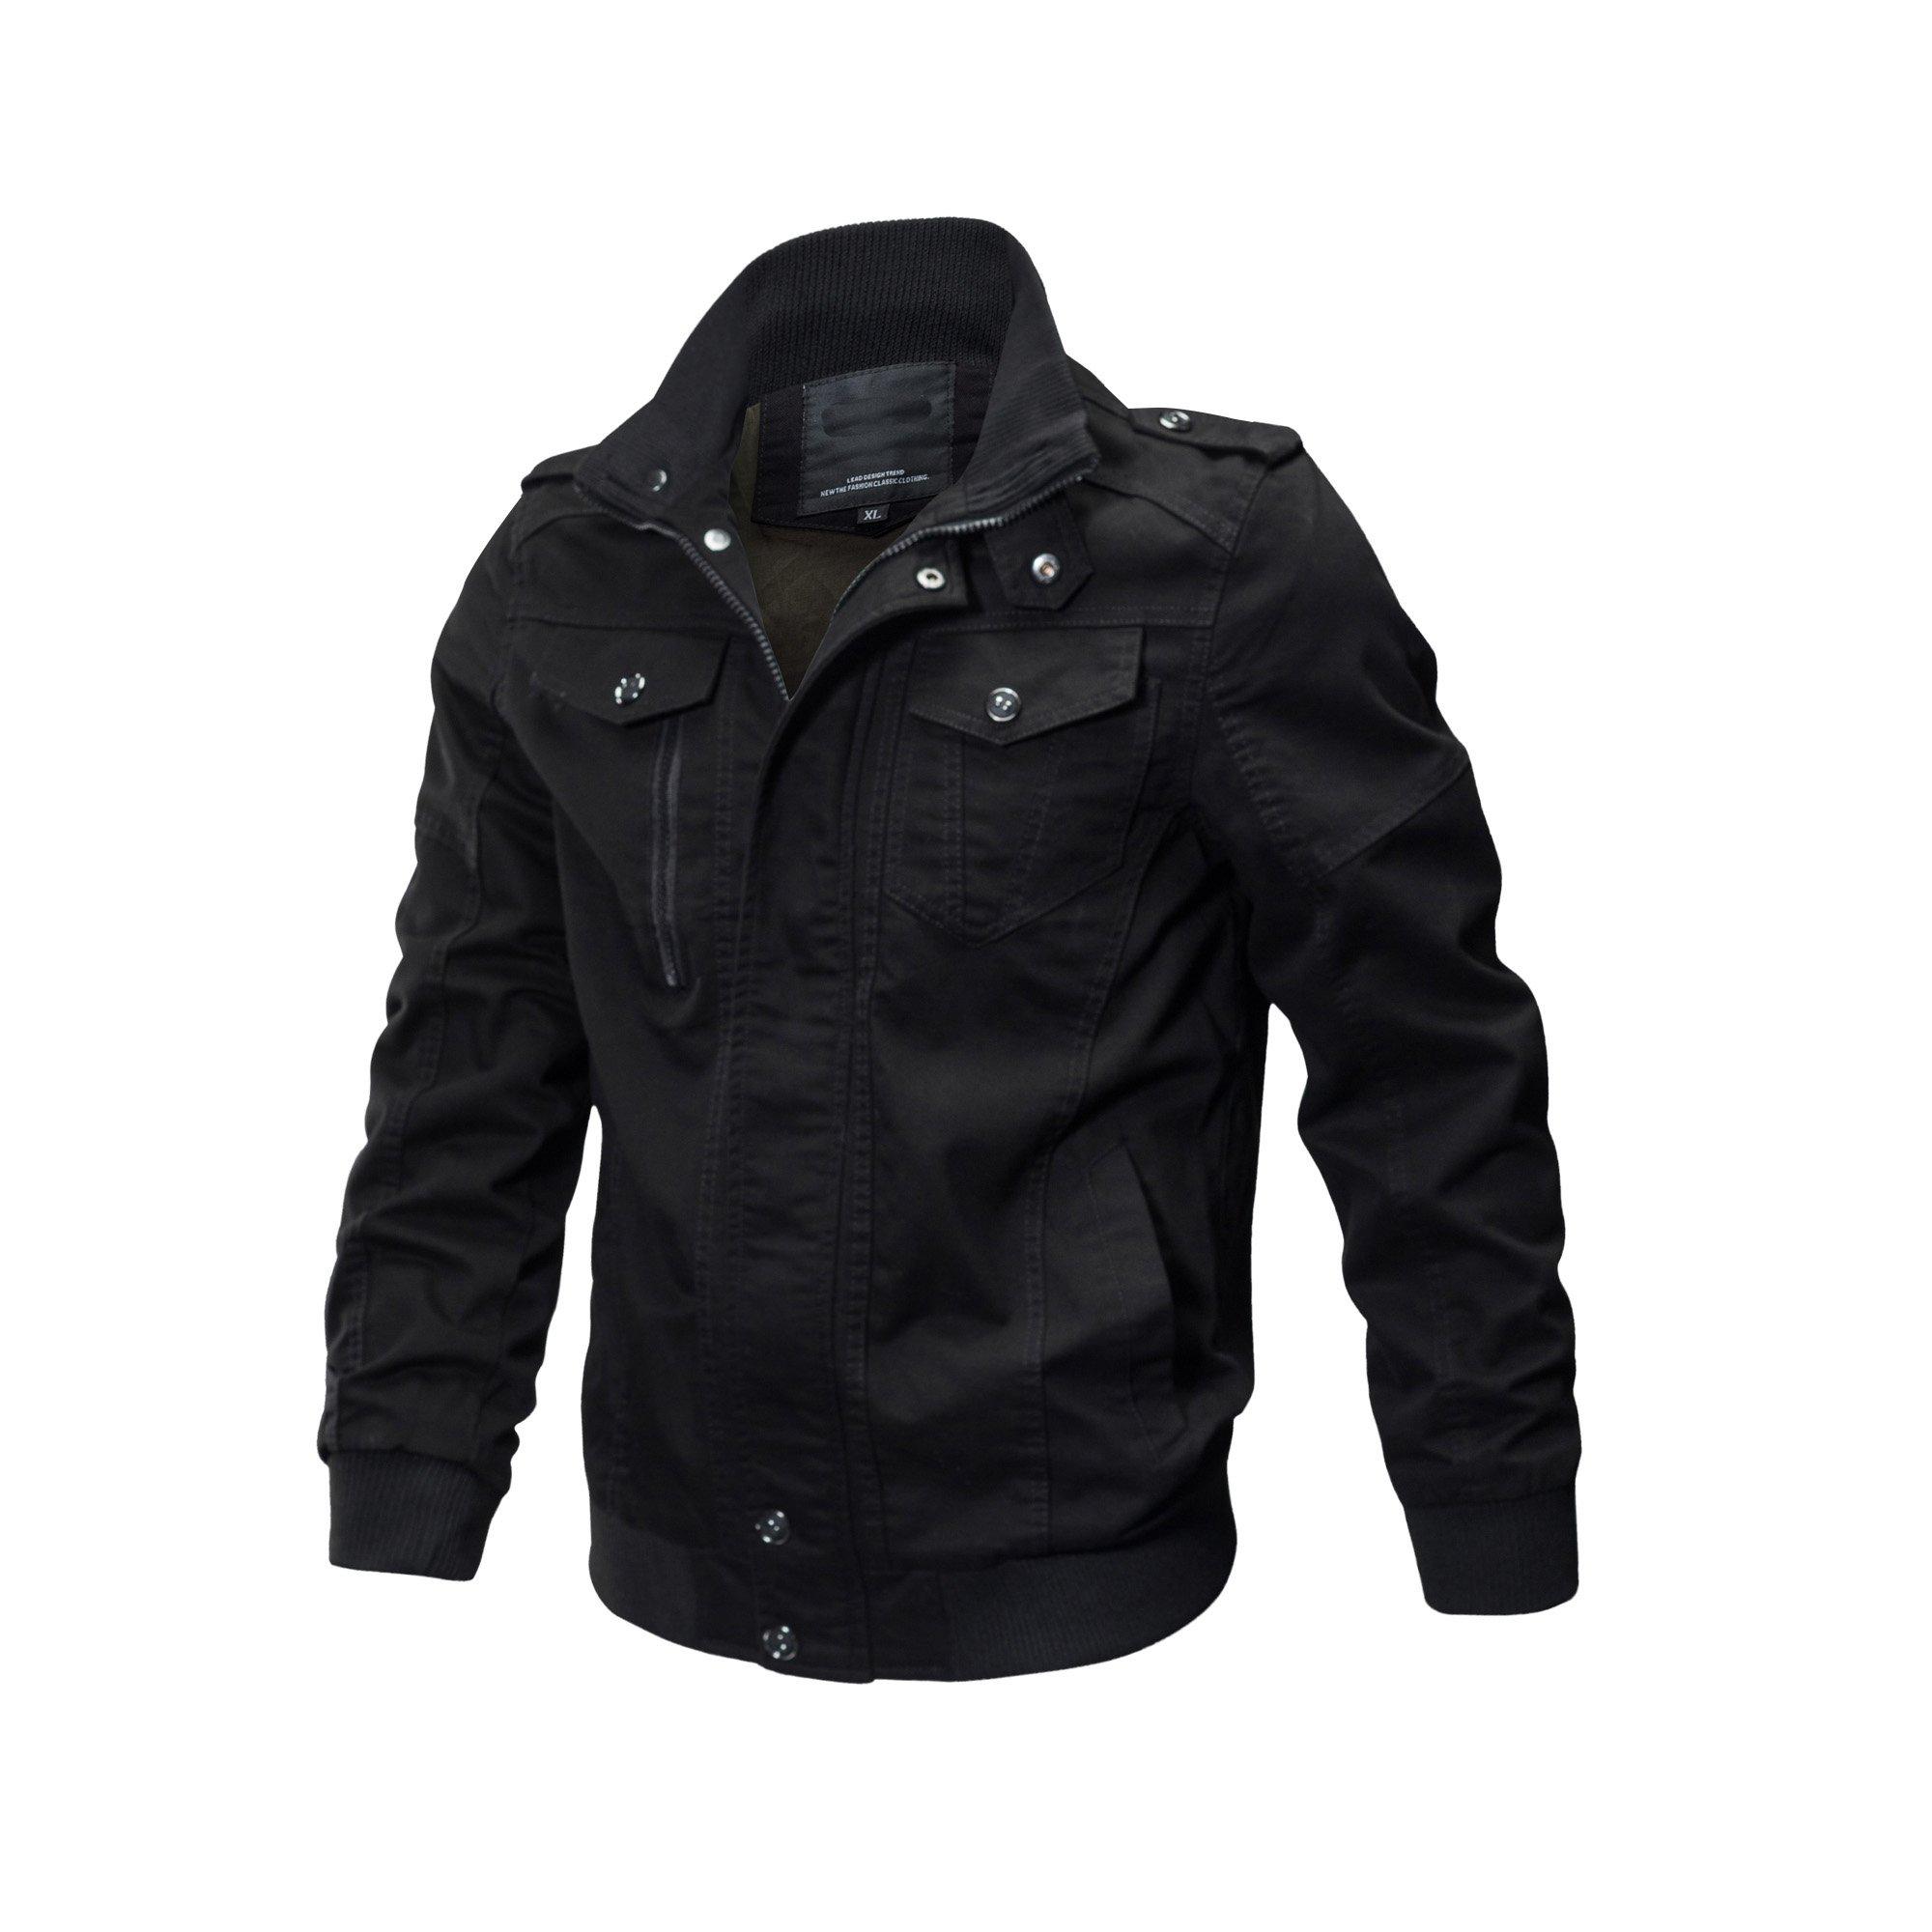 ZooYung Men's Cotton Lightweight Jackets Casual Military Jackets Coat Outdoor Windproof Windbreaker